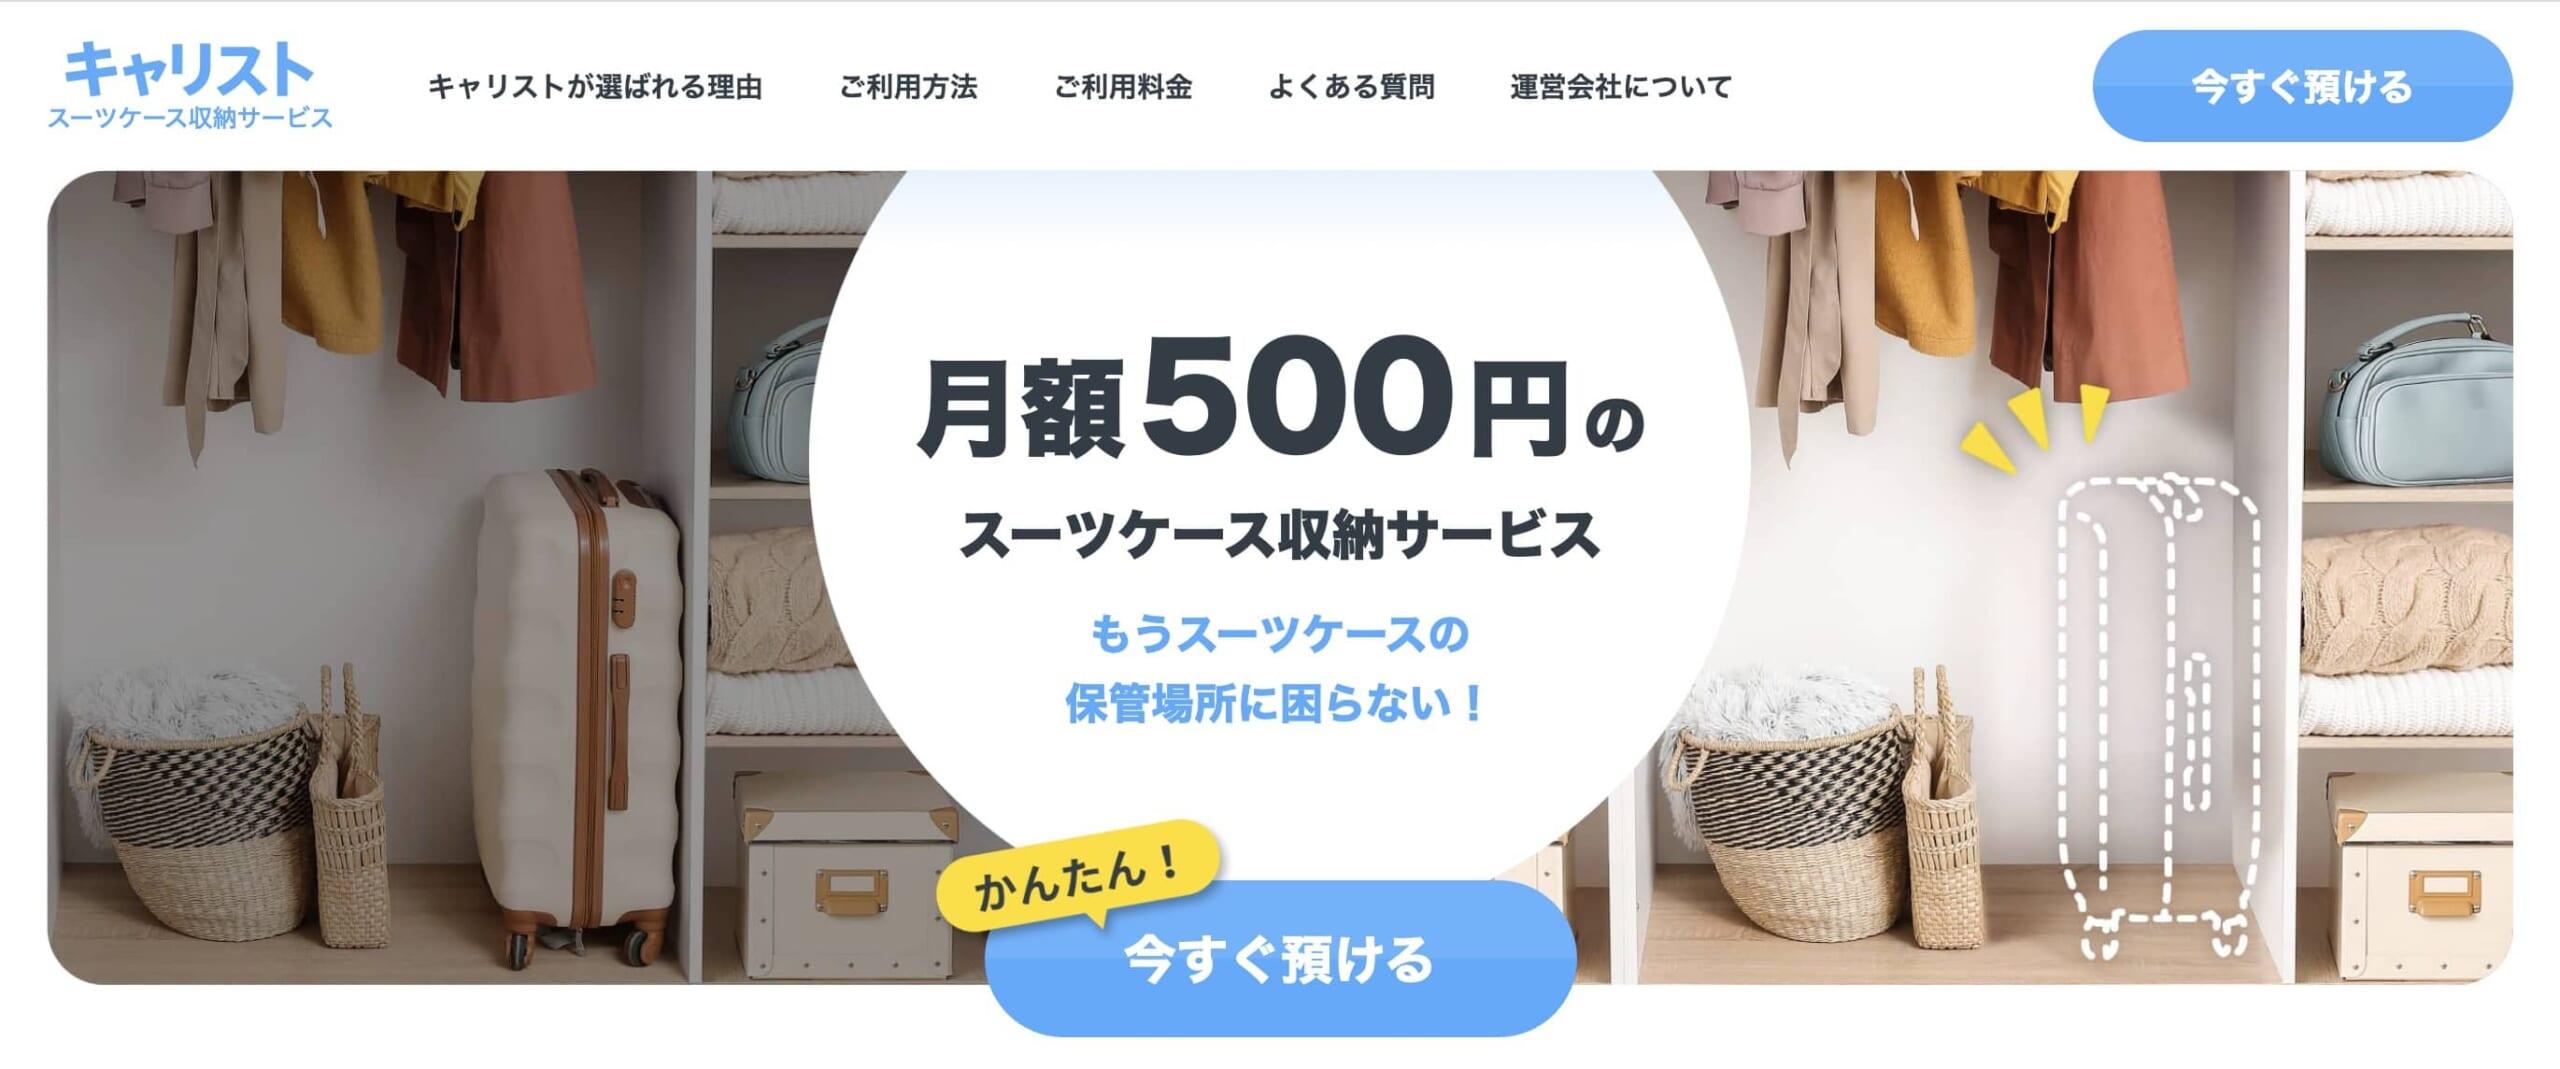 スーツケース収納サービス「キャリスト」月額500円のスーツケース収納サービスサイト画面